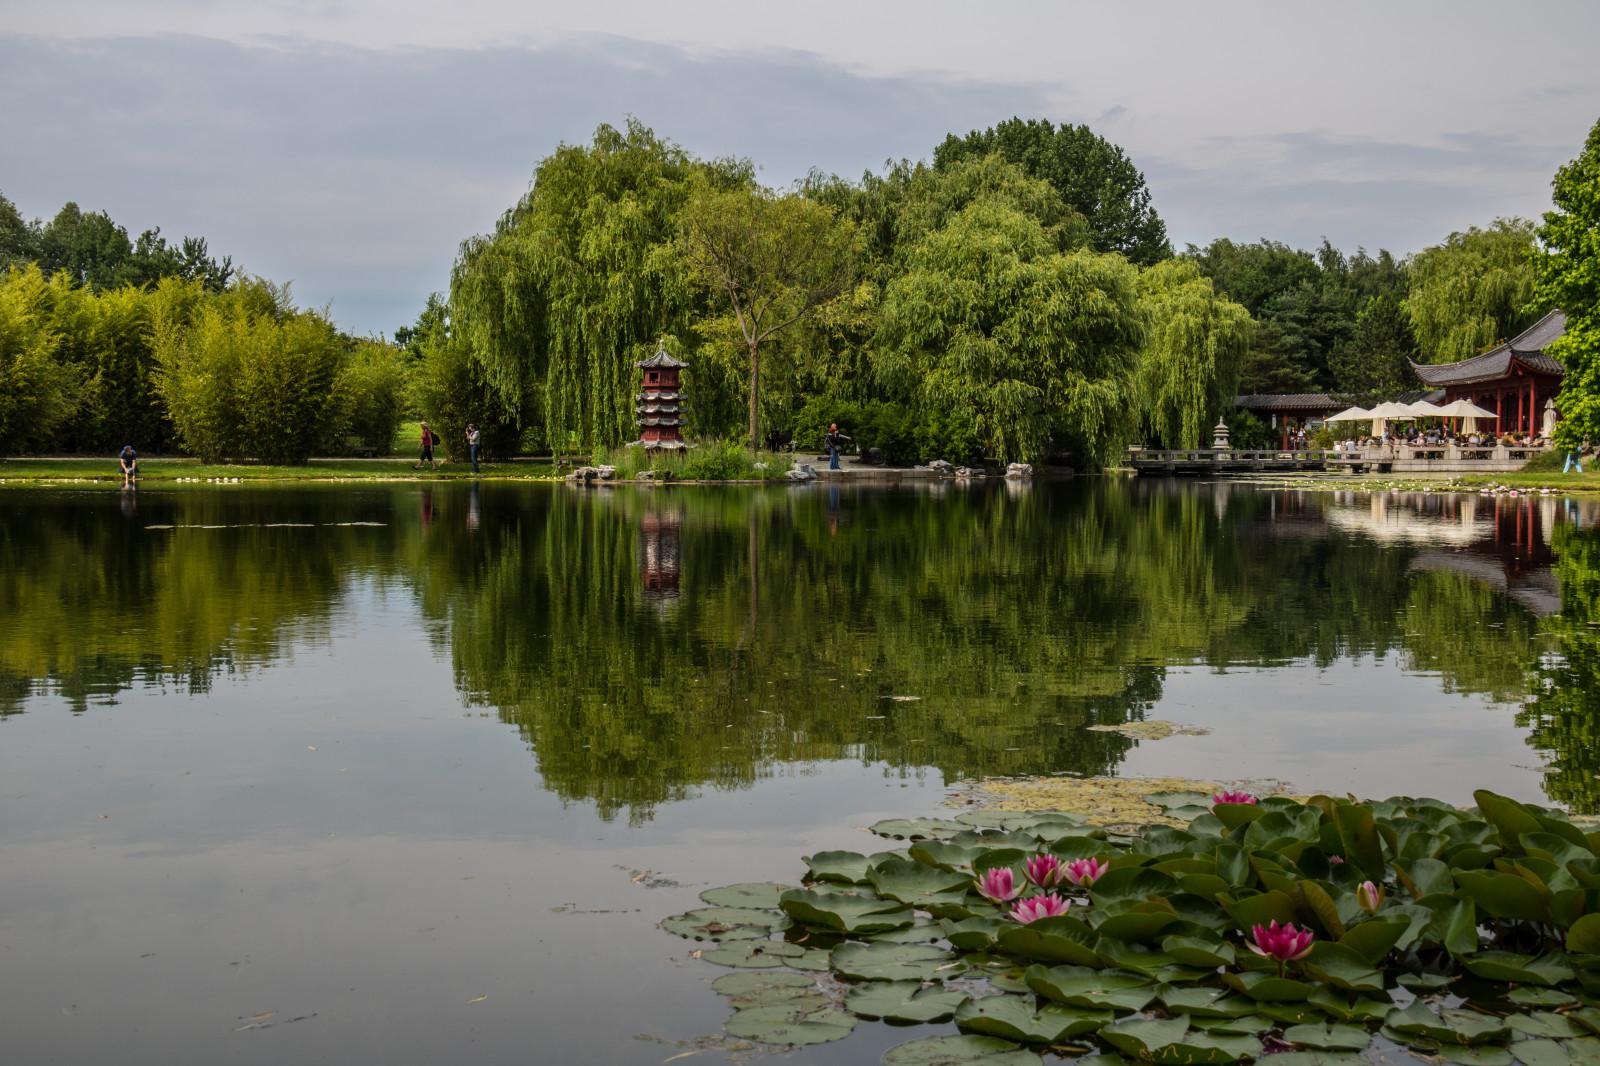 fond d 39 cran paysage jardin lac eau la nature r flexion parc allemagne rivi re berlin. Black Bedroom Furniture Sets. Home Design Ideas